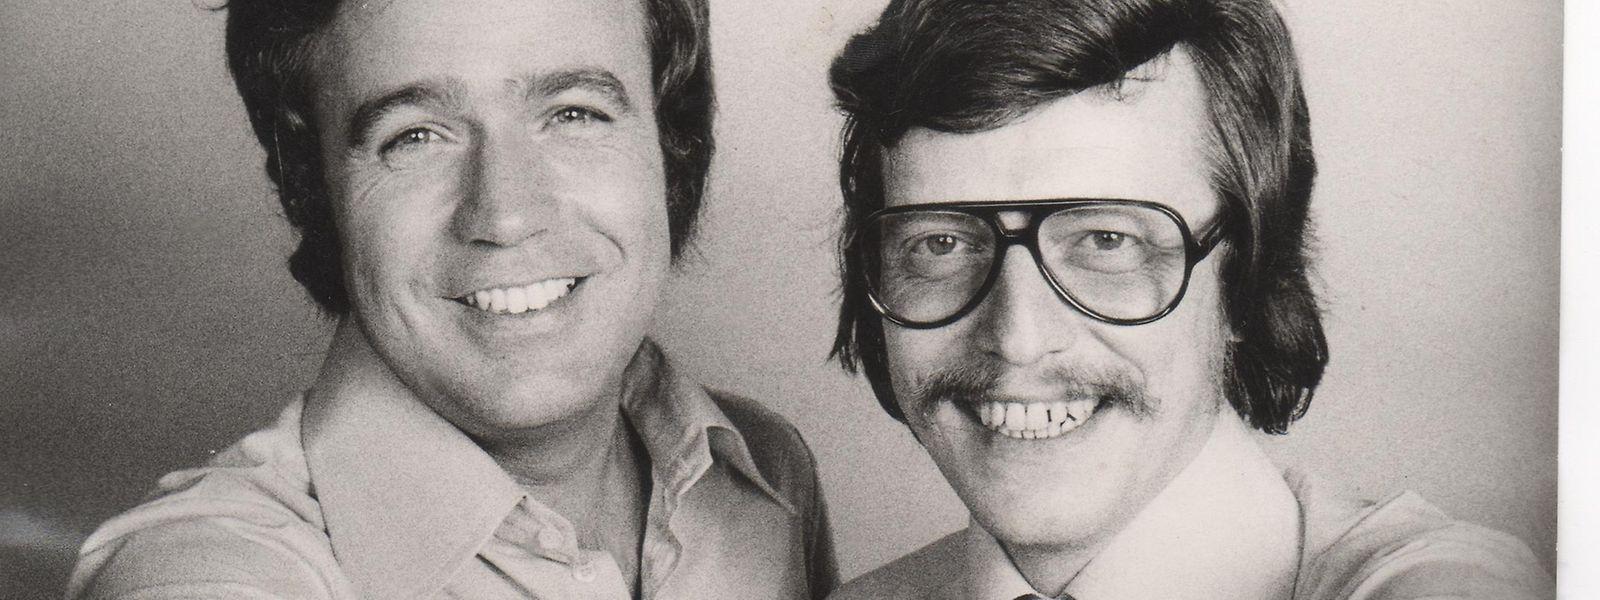 """Ein gutes Team bei den """"Fröhlichen Wellen von Radio Luxemburg"""": Rainer Holbe (l.) und Jochen Pützenbacher."""